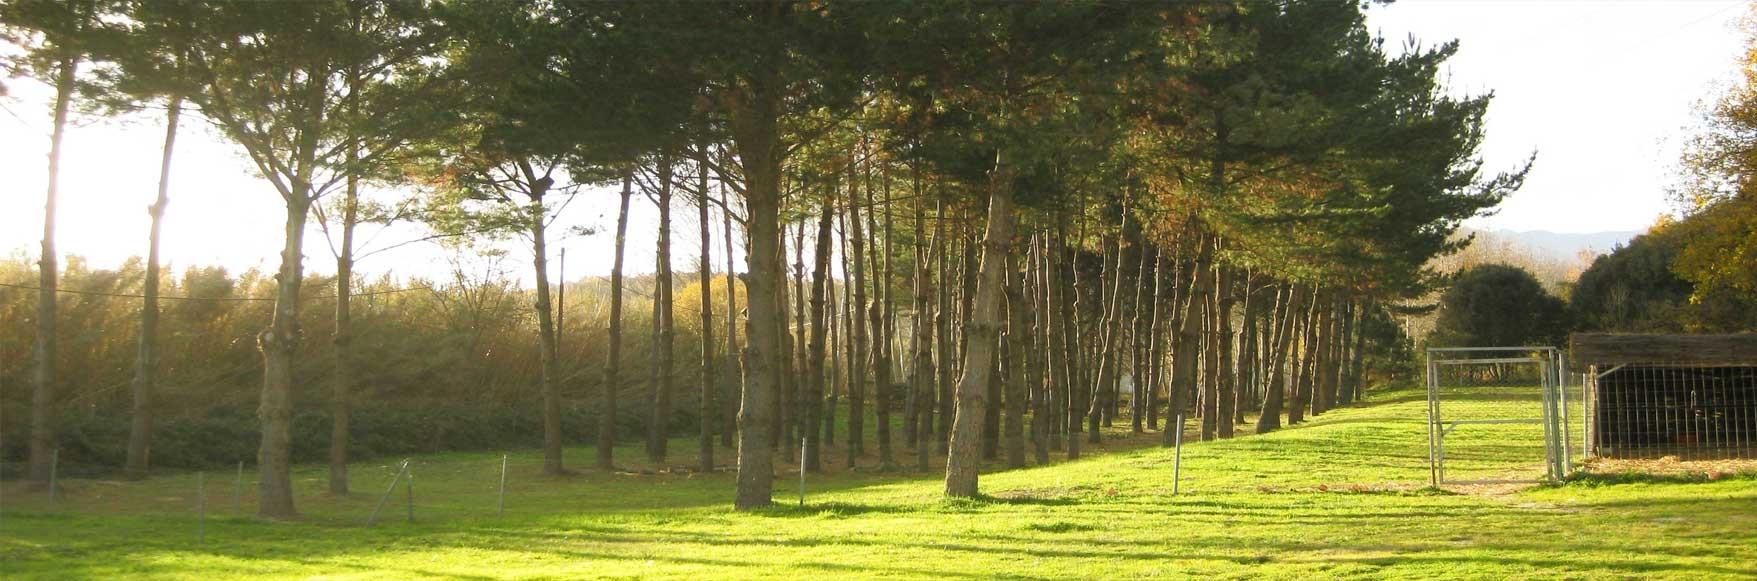 El bosc dins de la finca